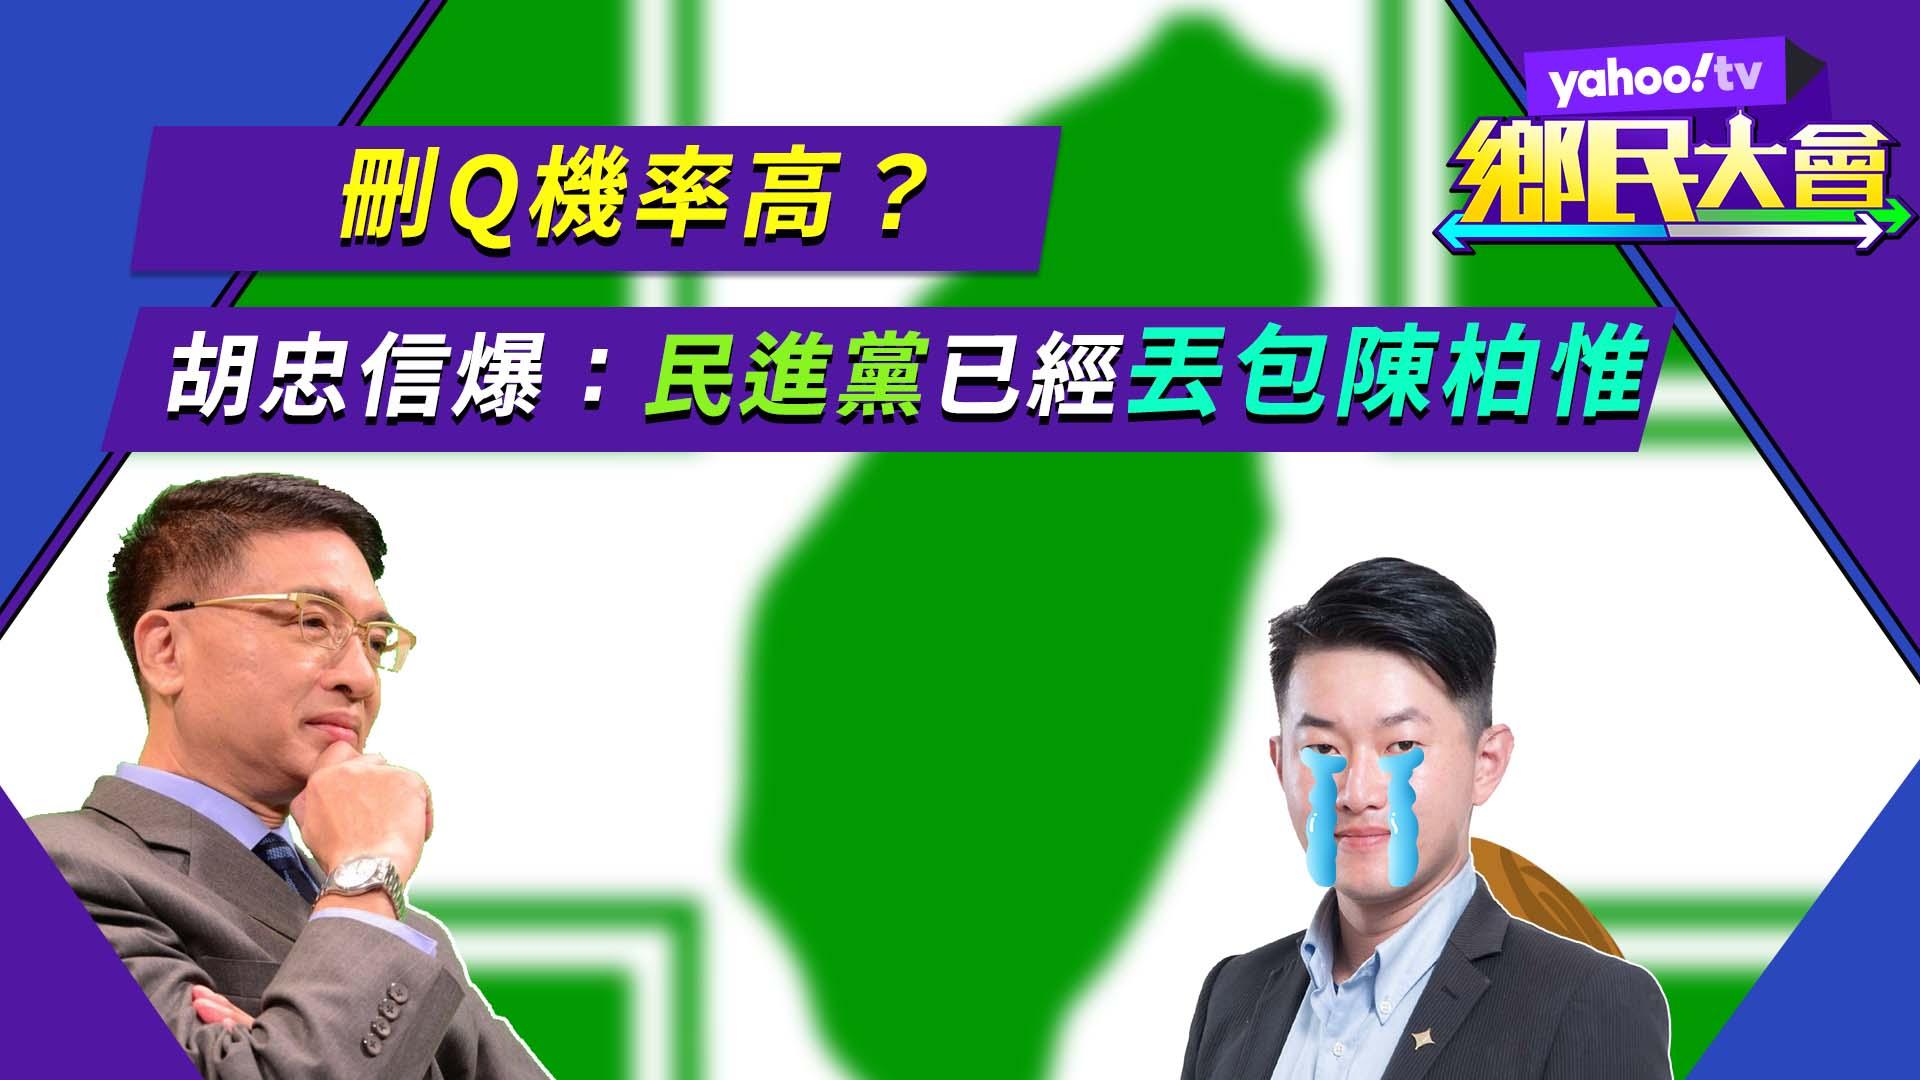 刪Q機率高?胡忠信爆「民進黨已經丟包陳柏惟」